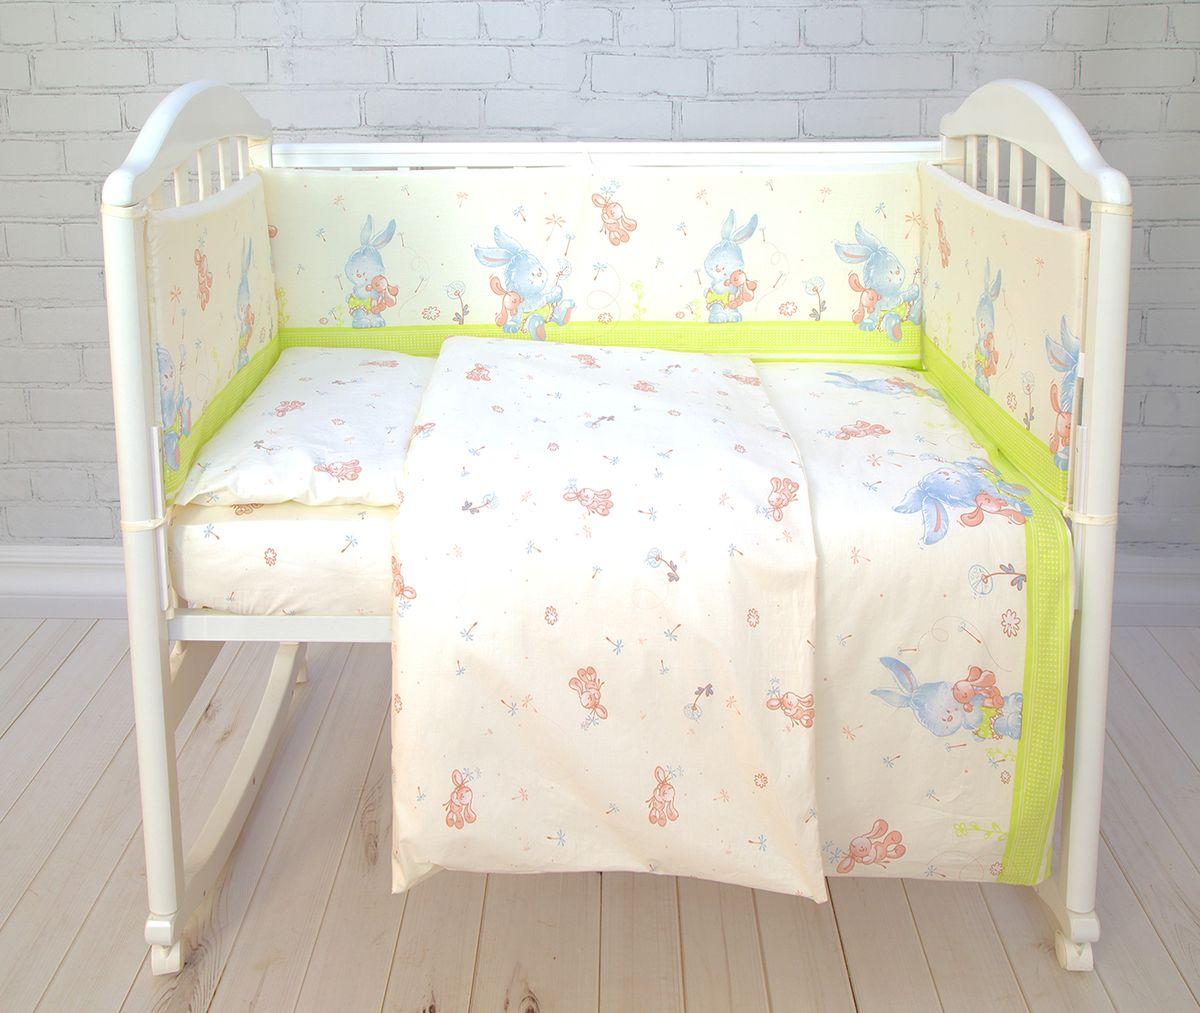 Baby Nice Комплект белья для новорожденных Зайка цвет салатовыйpchela50Борт в кроватку Baby Nice (его ещё называют бампер) является отличной защитой малыша от сквозняков и ударов при поворотах в кроватке. Ткань верха: 100% хлопок, наполнитель: экологически чистый нетканый материал для мягкой мебели - периотек. Дизайны бортов сочетаются с дизайнами постельного белья, так что, можно самостоятельно сделать полный комплект, идеальный для сна. Борта в кроватку - мягкие удобные долговечные: надежная и эстетичная защита вашего ребенка! Состав комплекта: 4-е стороны: 120х35 - 2 шт, 60х35 - 2 шт.